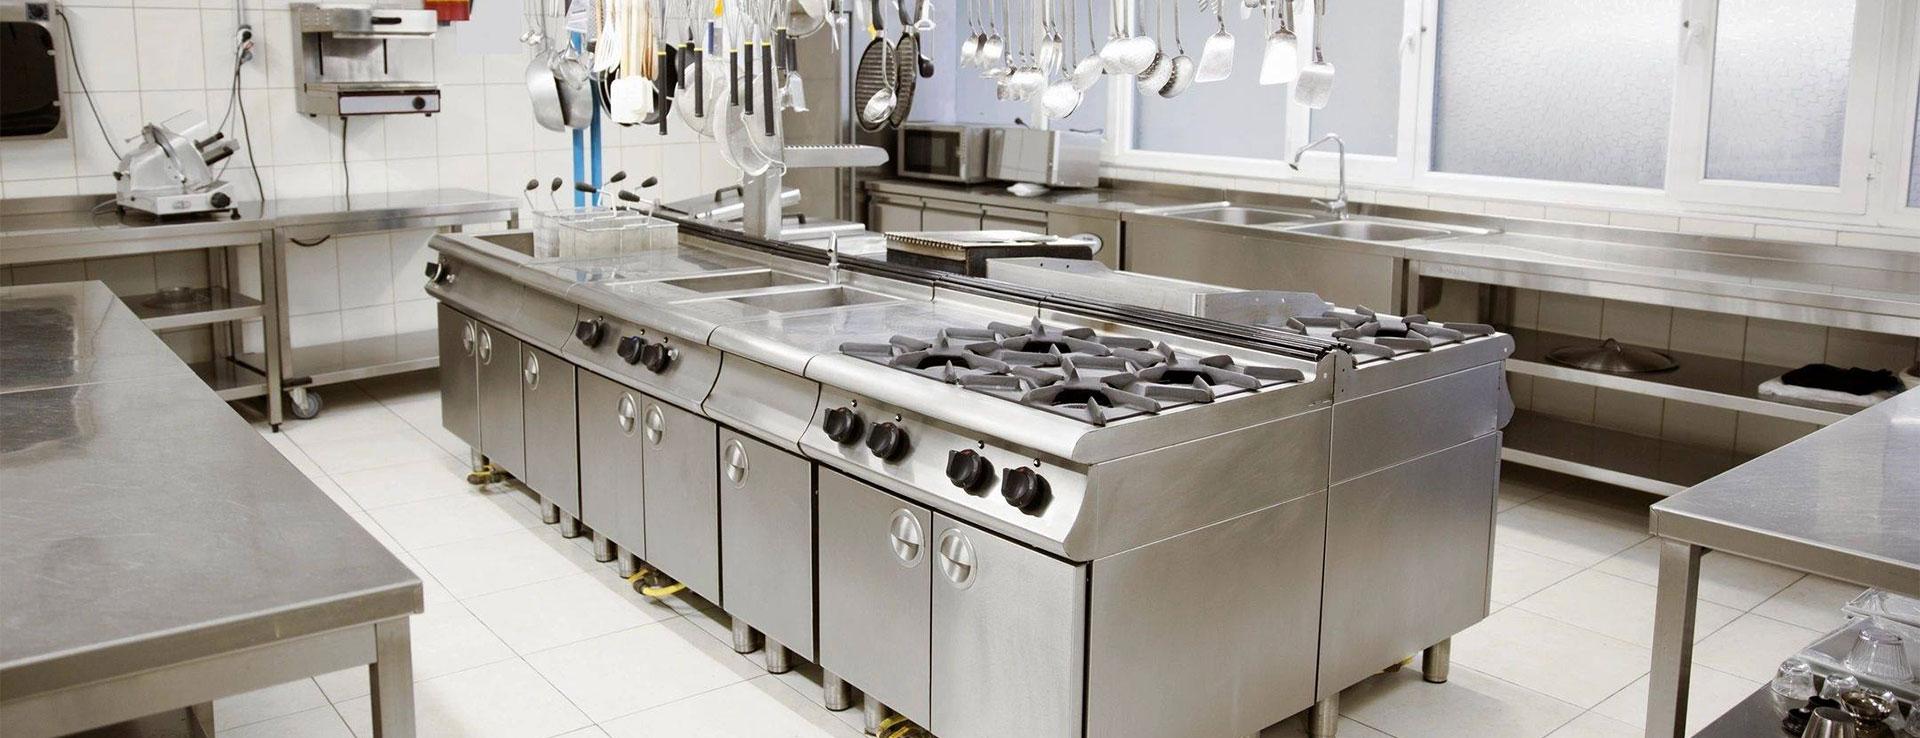 Becker Kitchen Solution